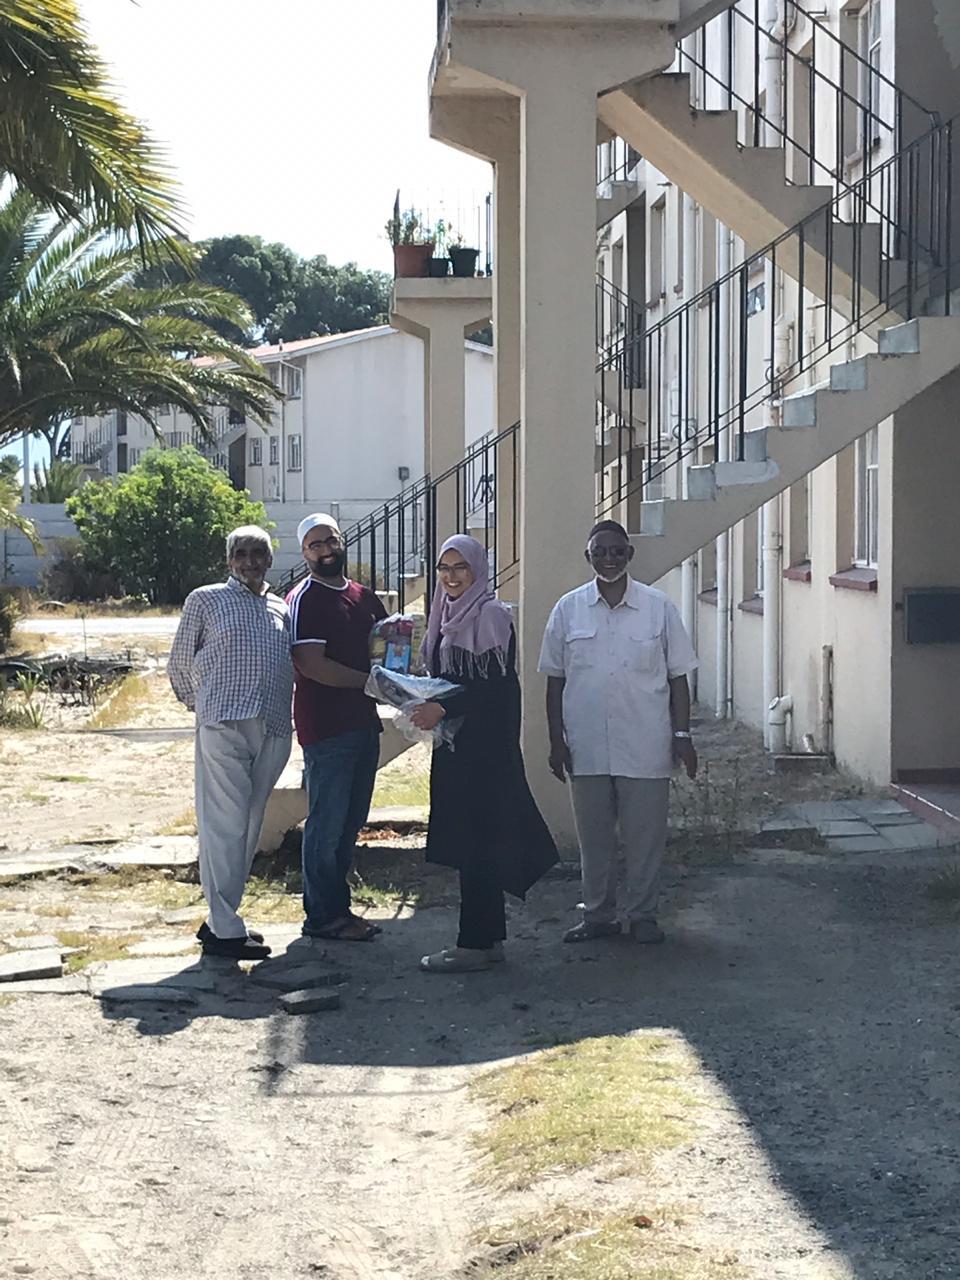 Ehrenamt in Kapstadt: Transformation statt Information